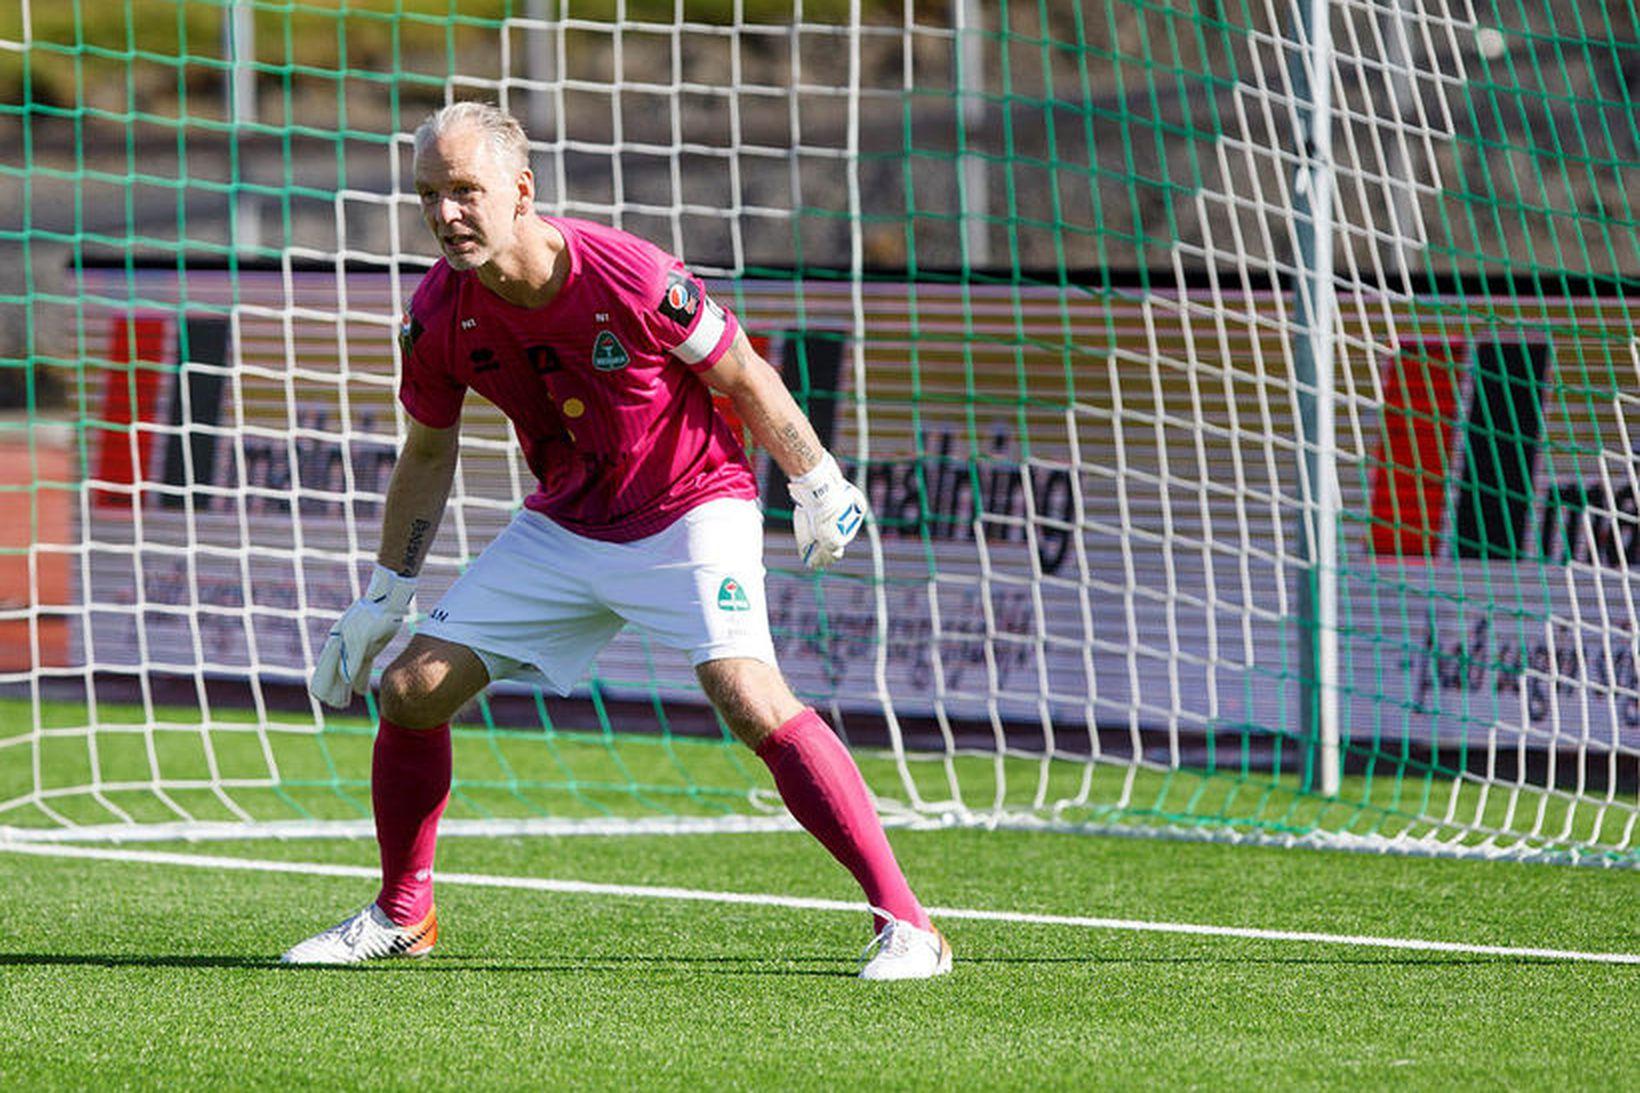 Gunnleifur Gunnleifsson í metleiknum gegn FH í dag.